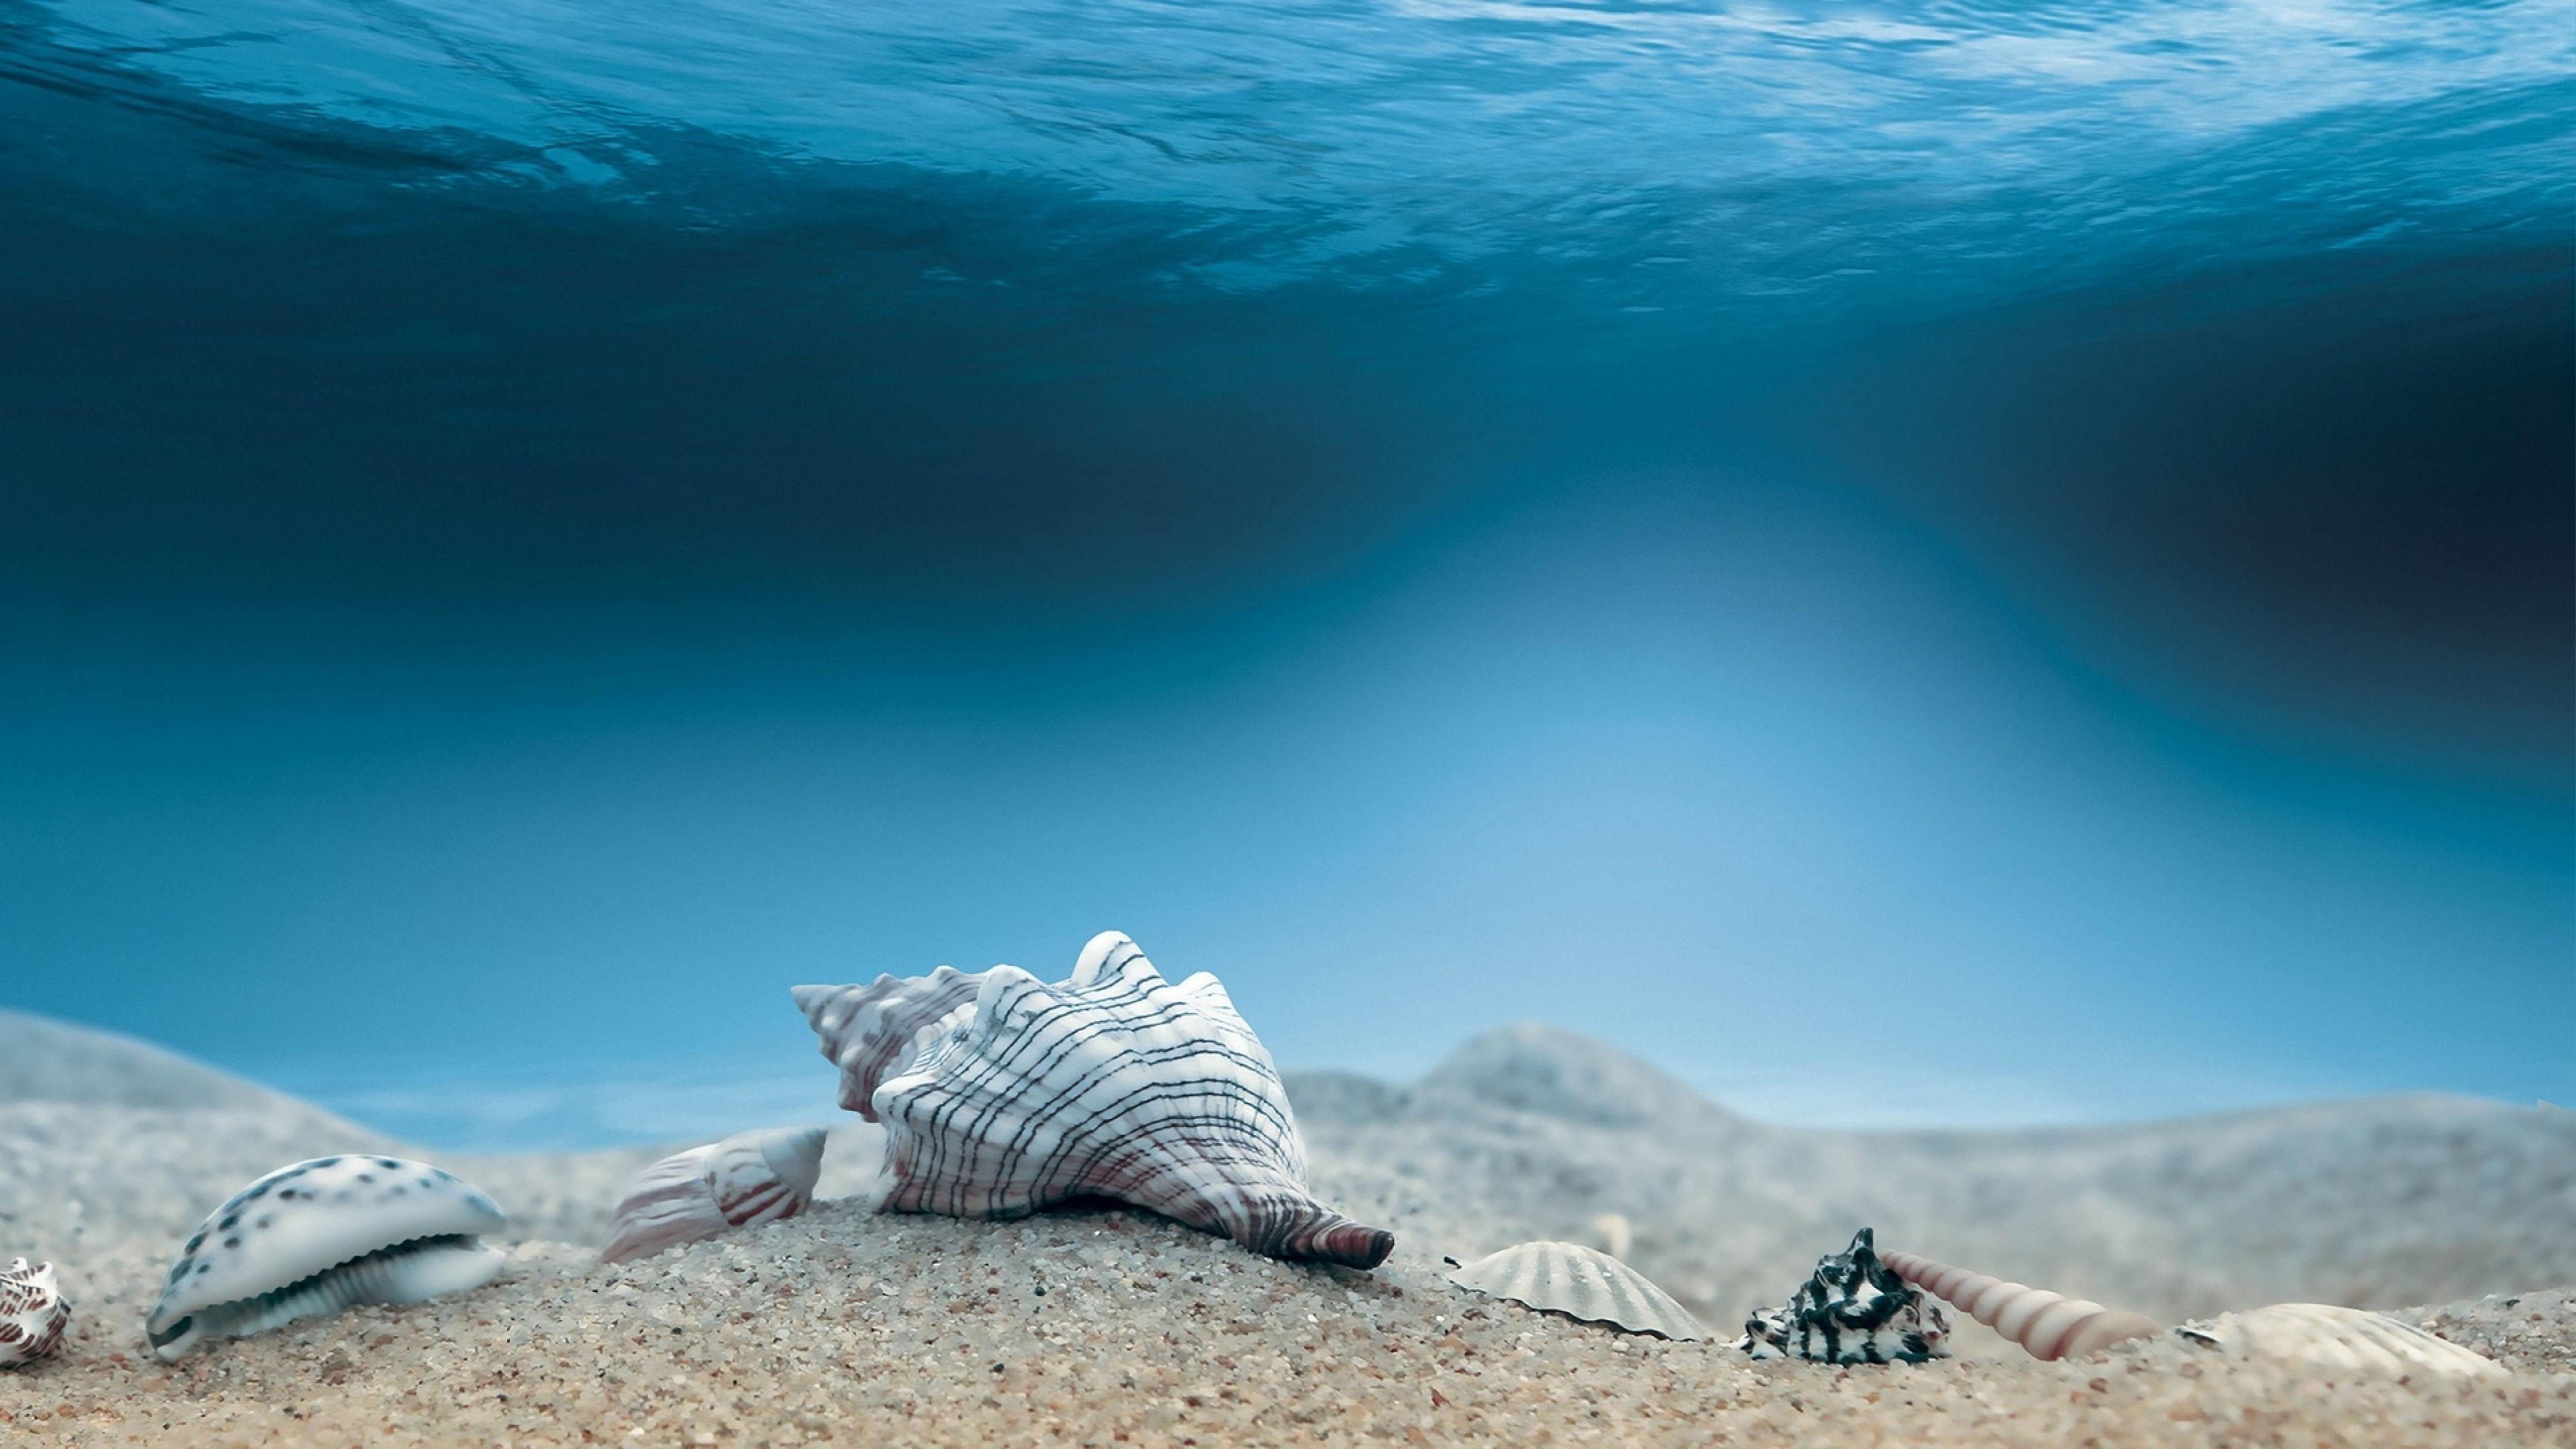 4K专区,海底,沙子,海螺,蓝色海洋